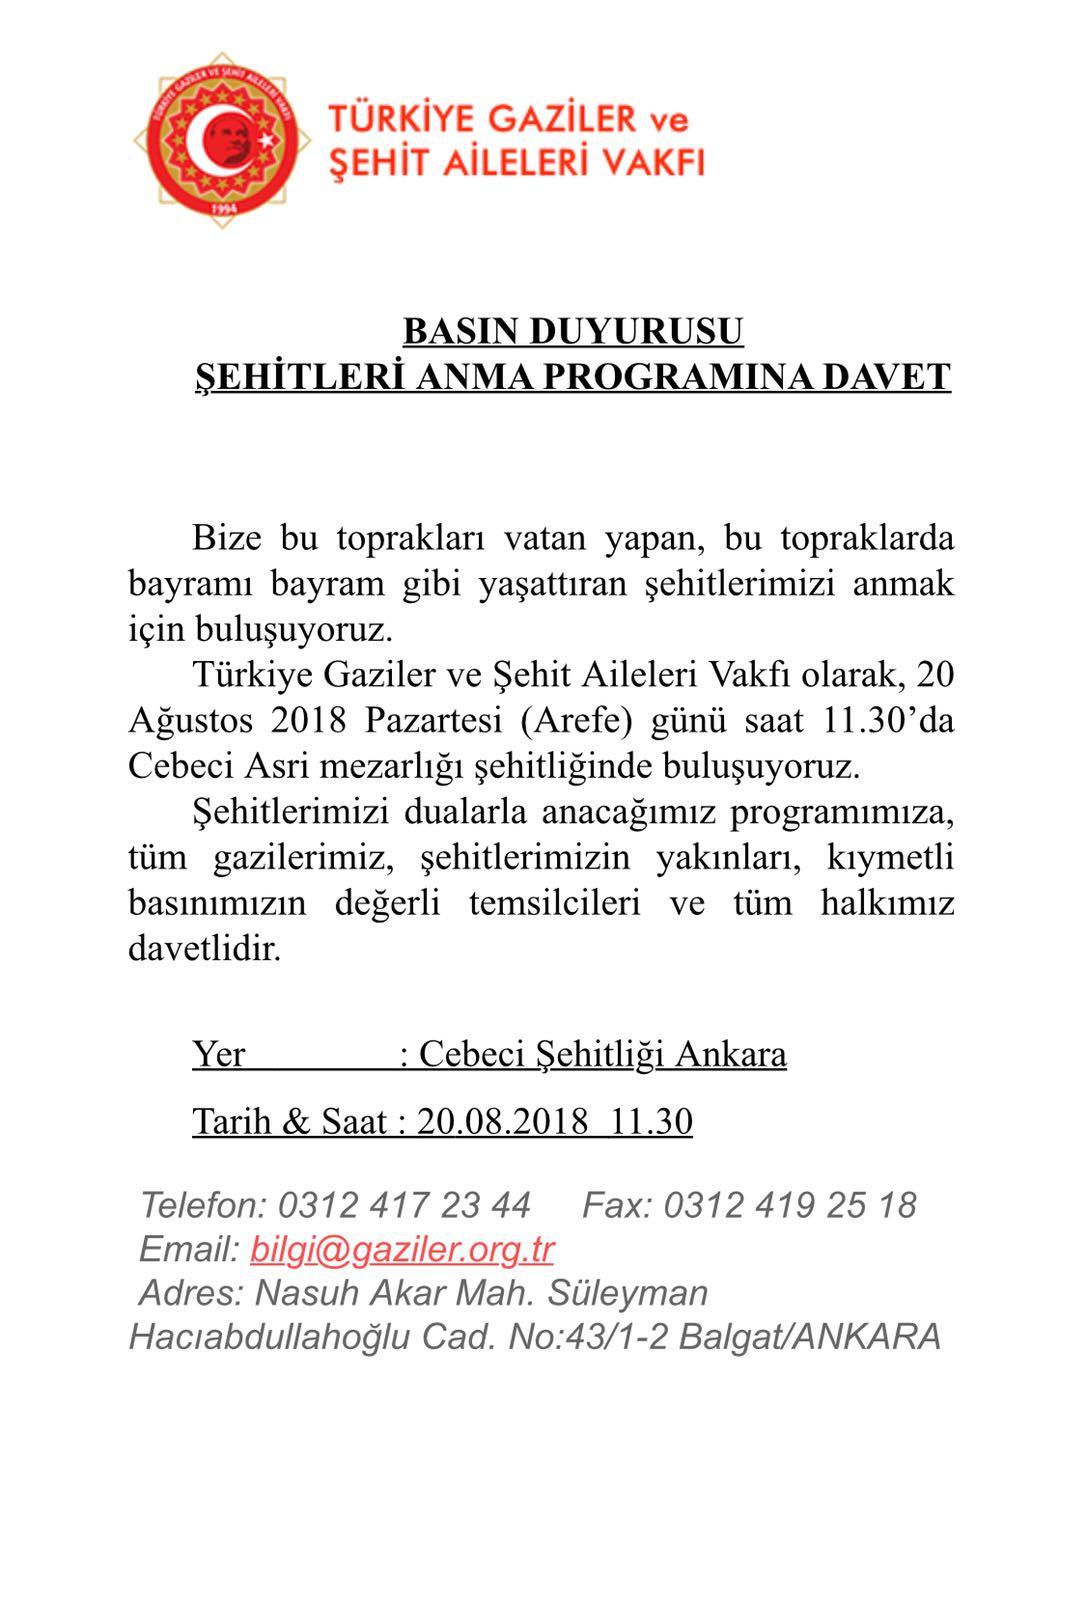 ŞEHİTLERİ ANMA PROGRAMINA DAVET